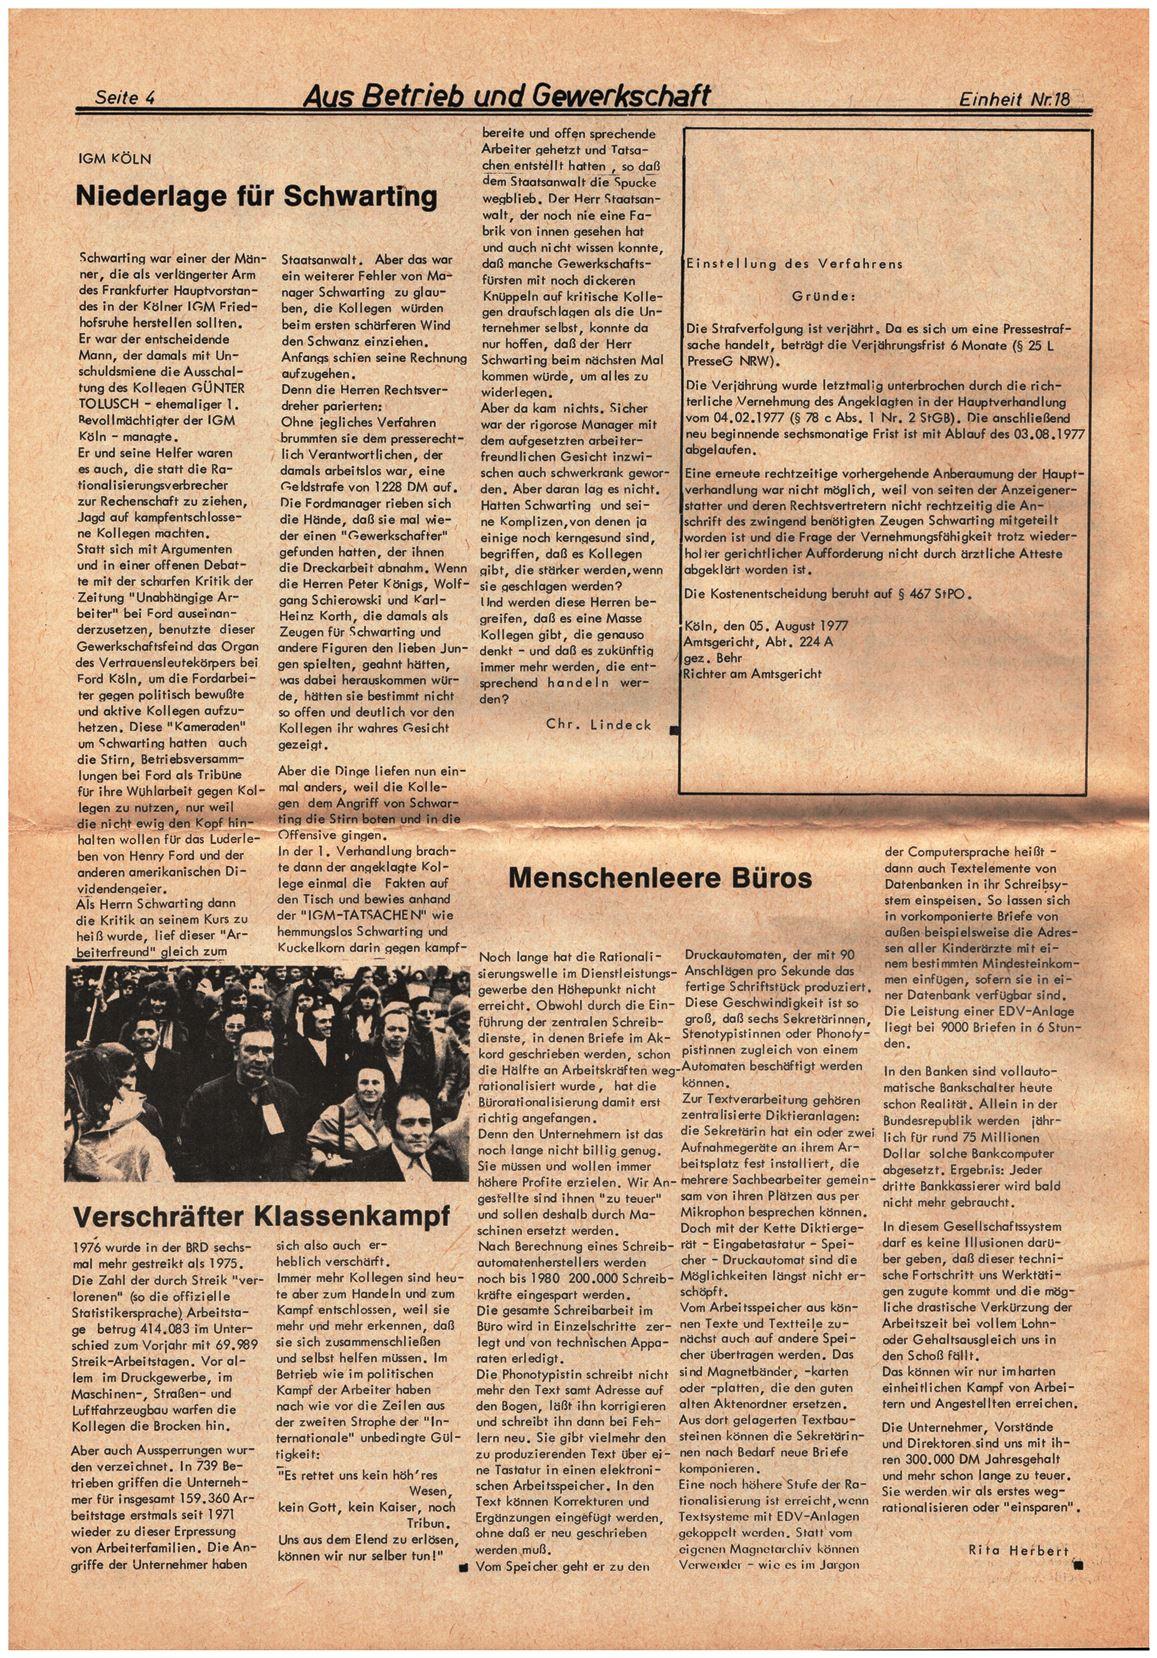 Koeln_IPdA_Einheit_1977_018_004